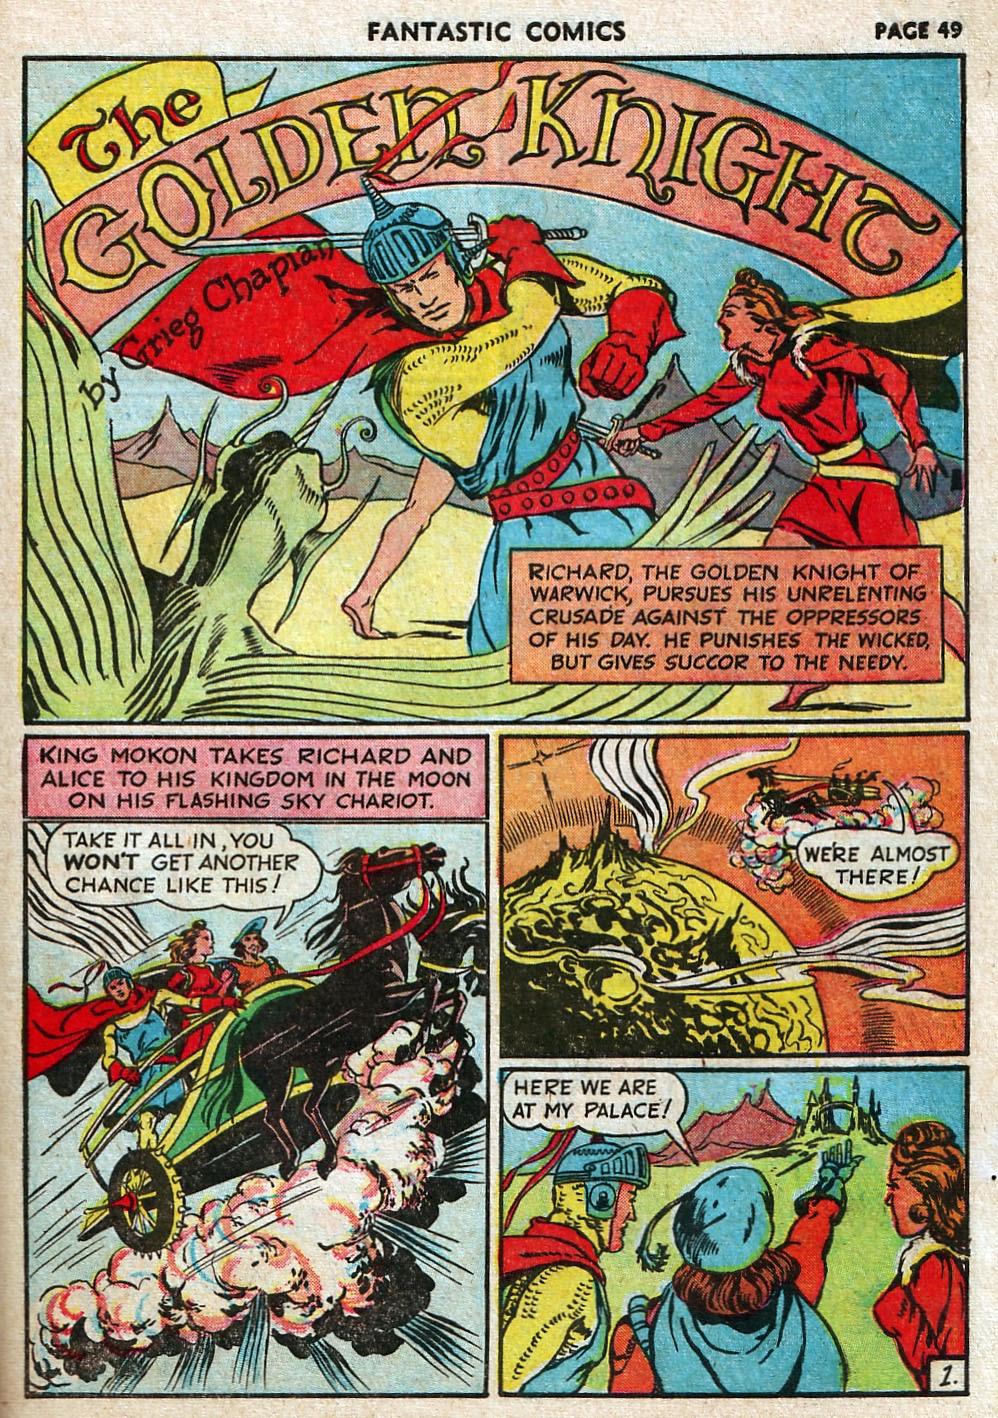 Read online Fantastic Comics comic -  Issue #17 - 50